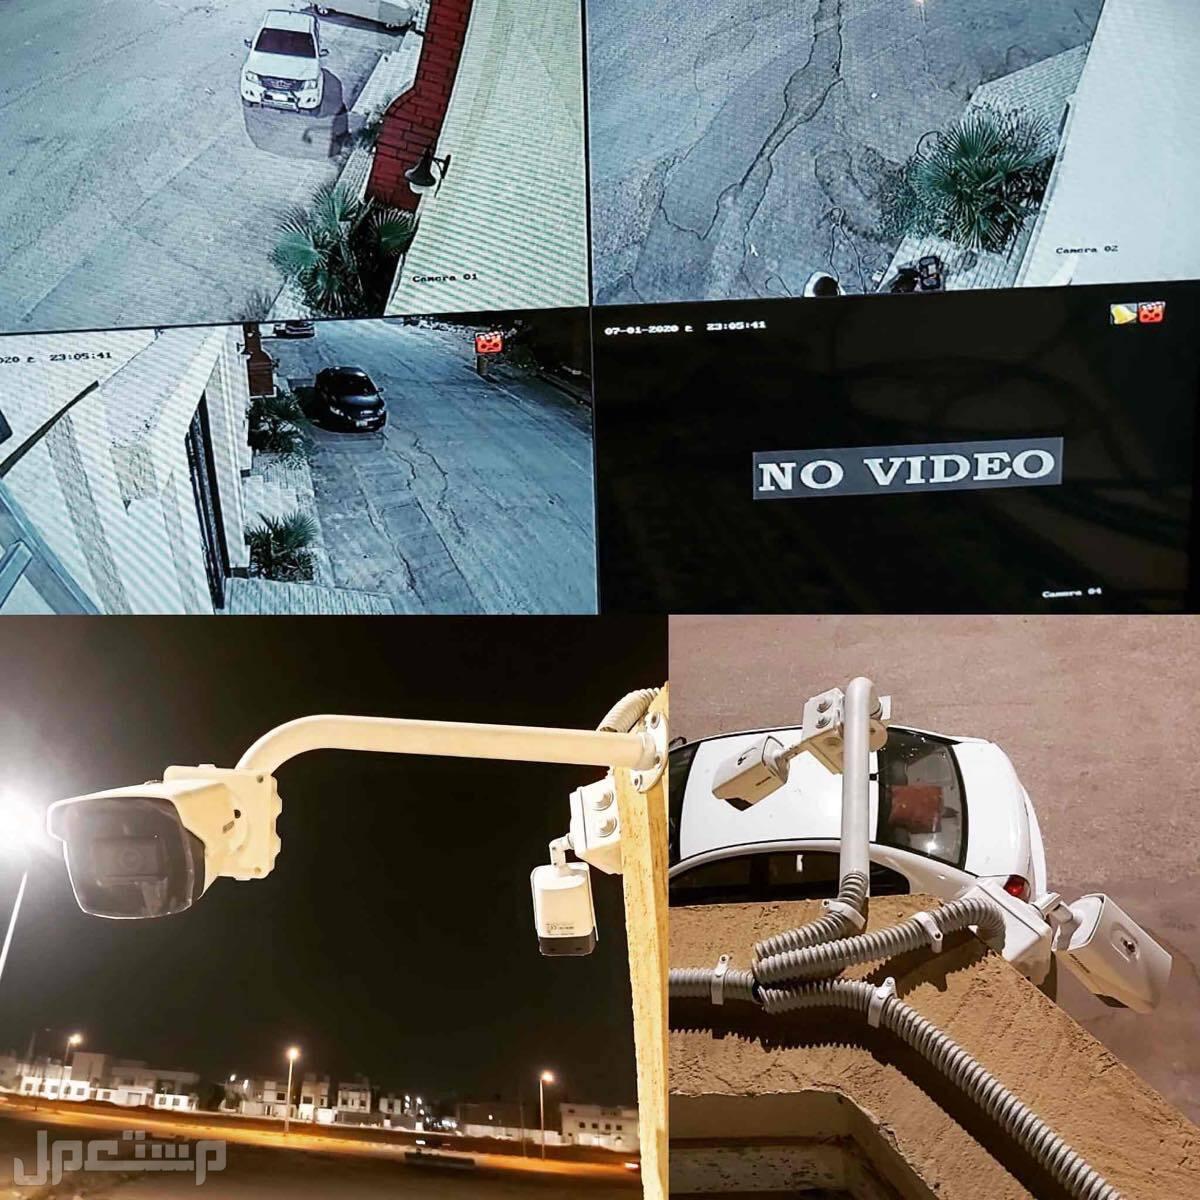 كاميرات مراقبه انتركوم اجهزة البصمه اكسس كنترول